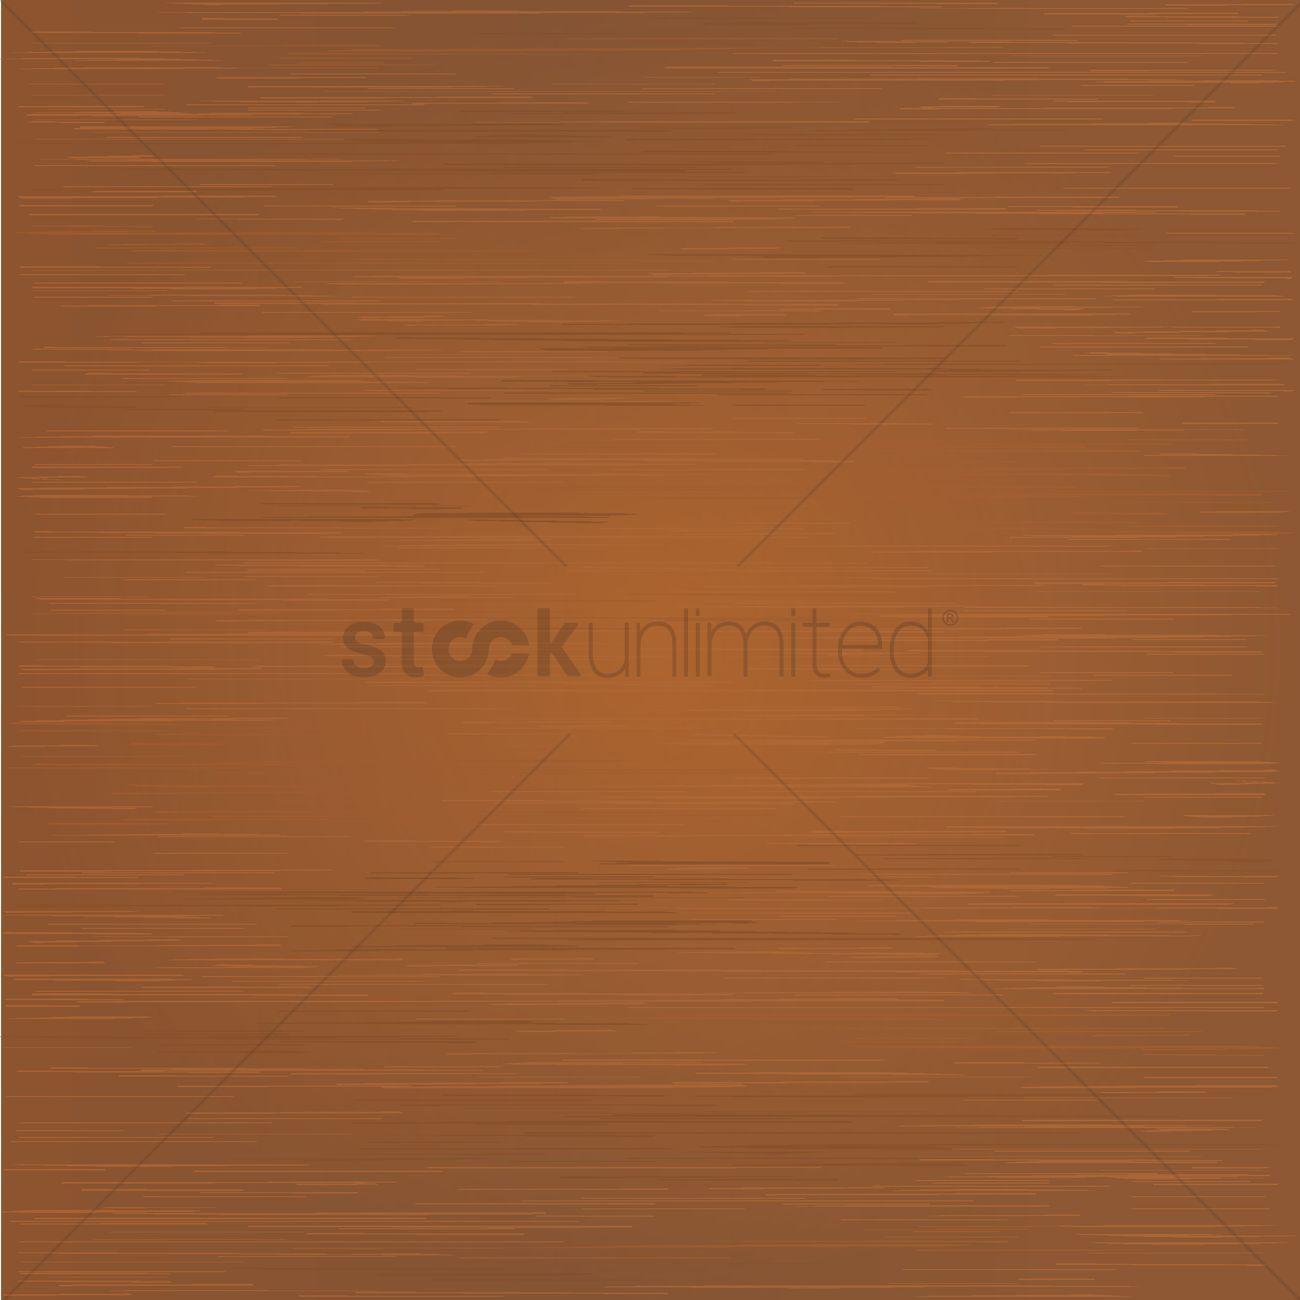 Woodgrain Images, Stock Photos & Vectors | Shutterstock